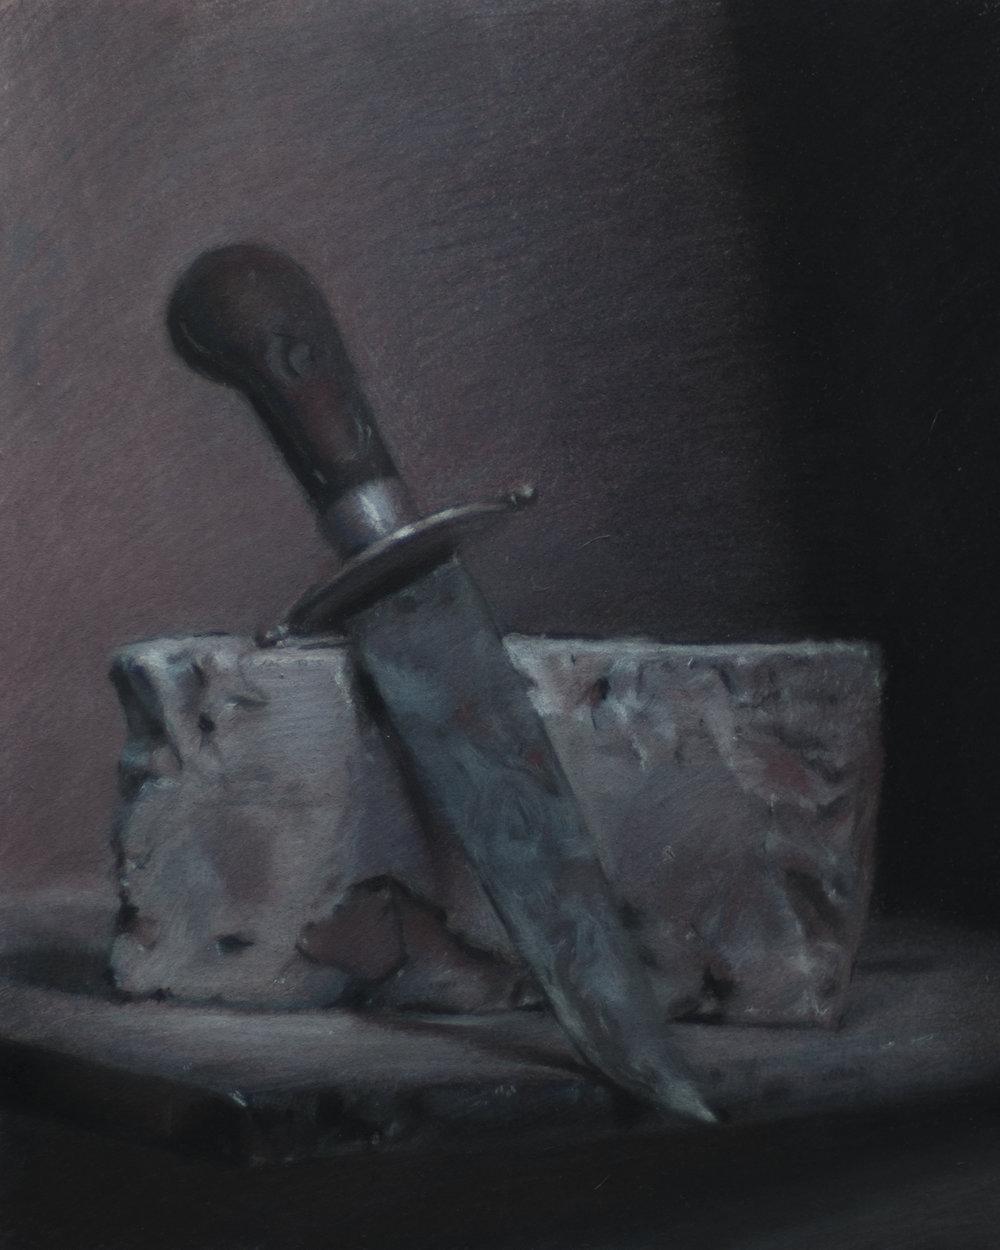 knife_.jpg